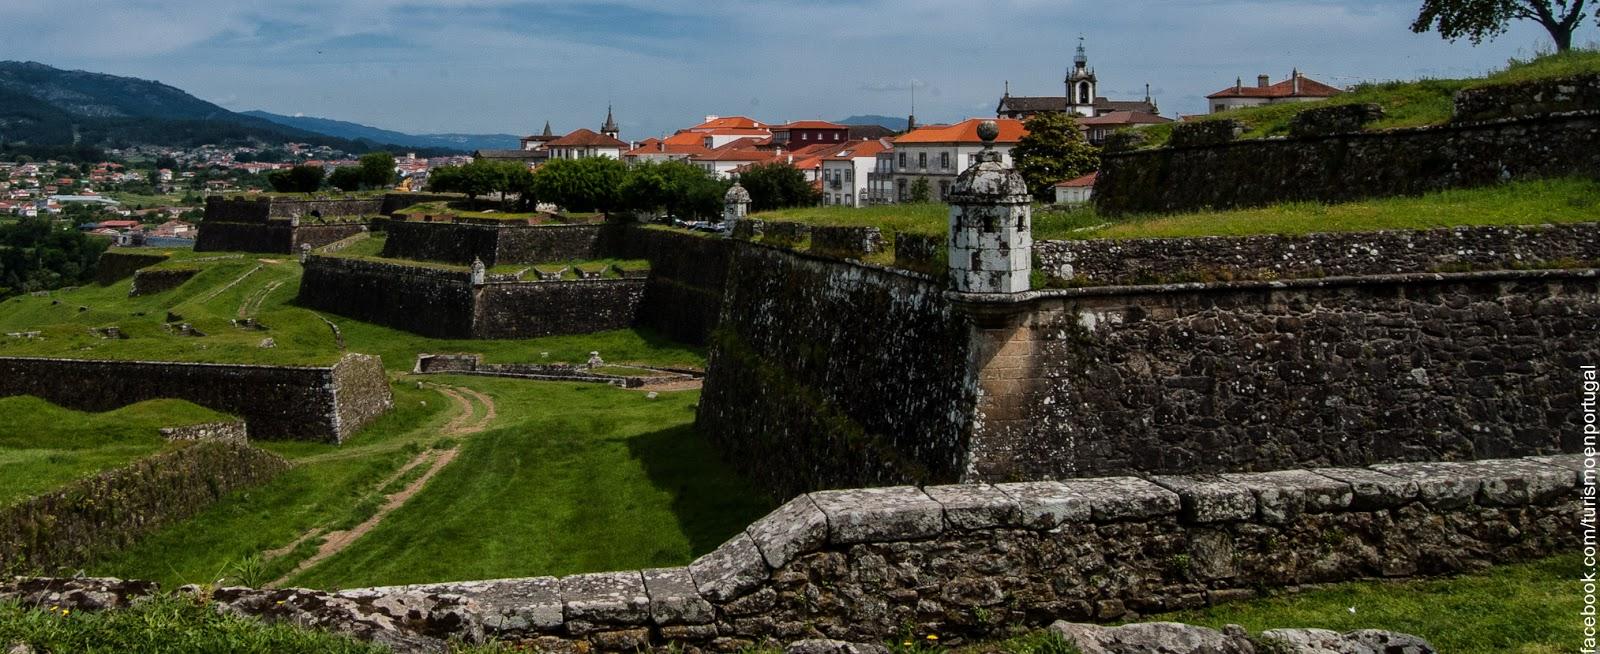 Valen a do minho vig a de frontera turismo en portugal for Muebles portugal valenca